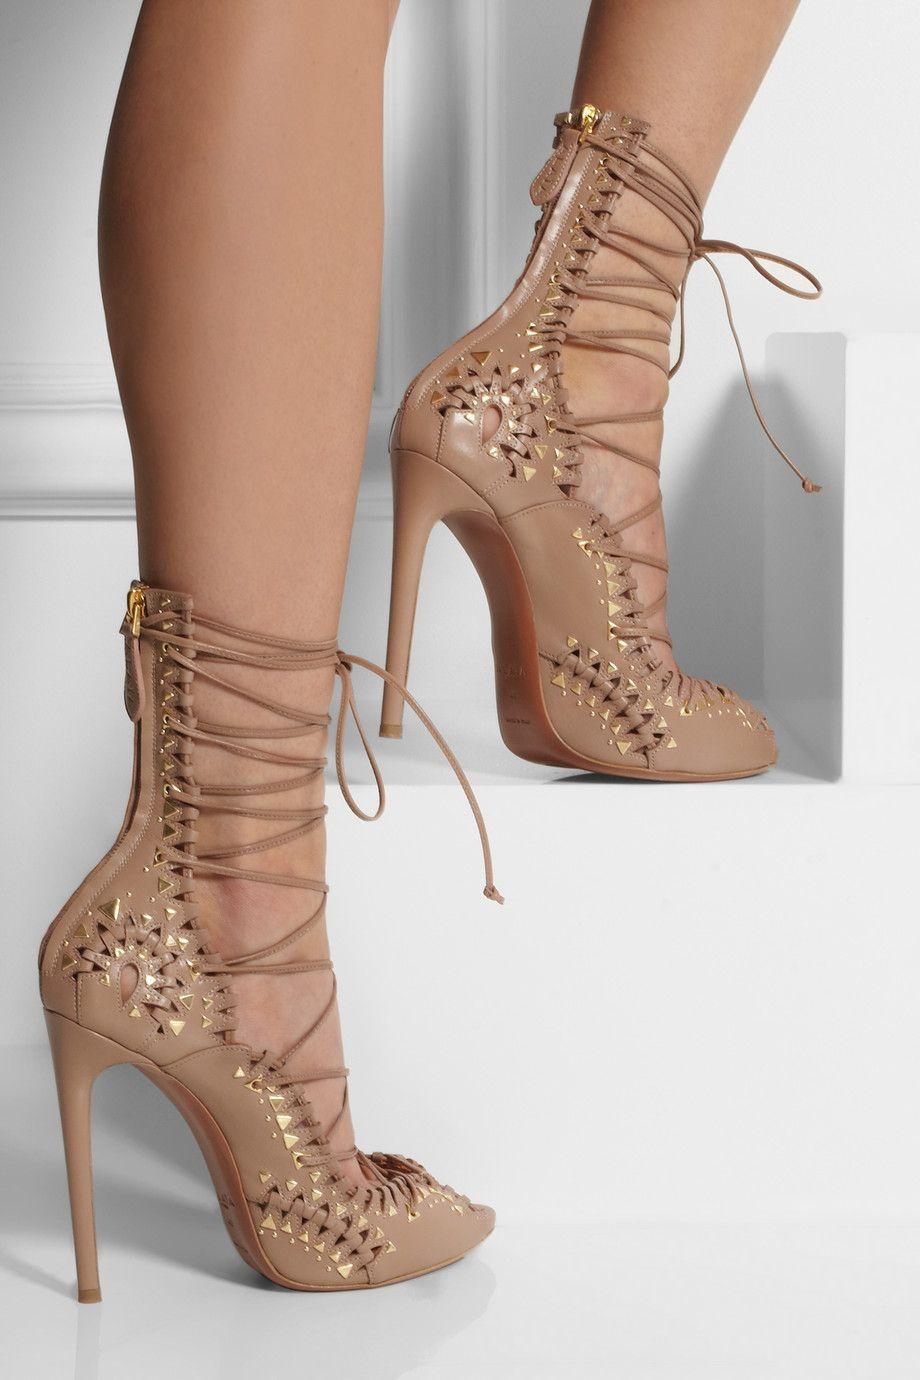 Alaïa Chaussures À Lacets chvNj